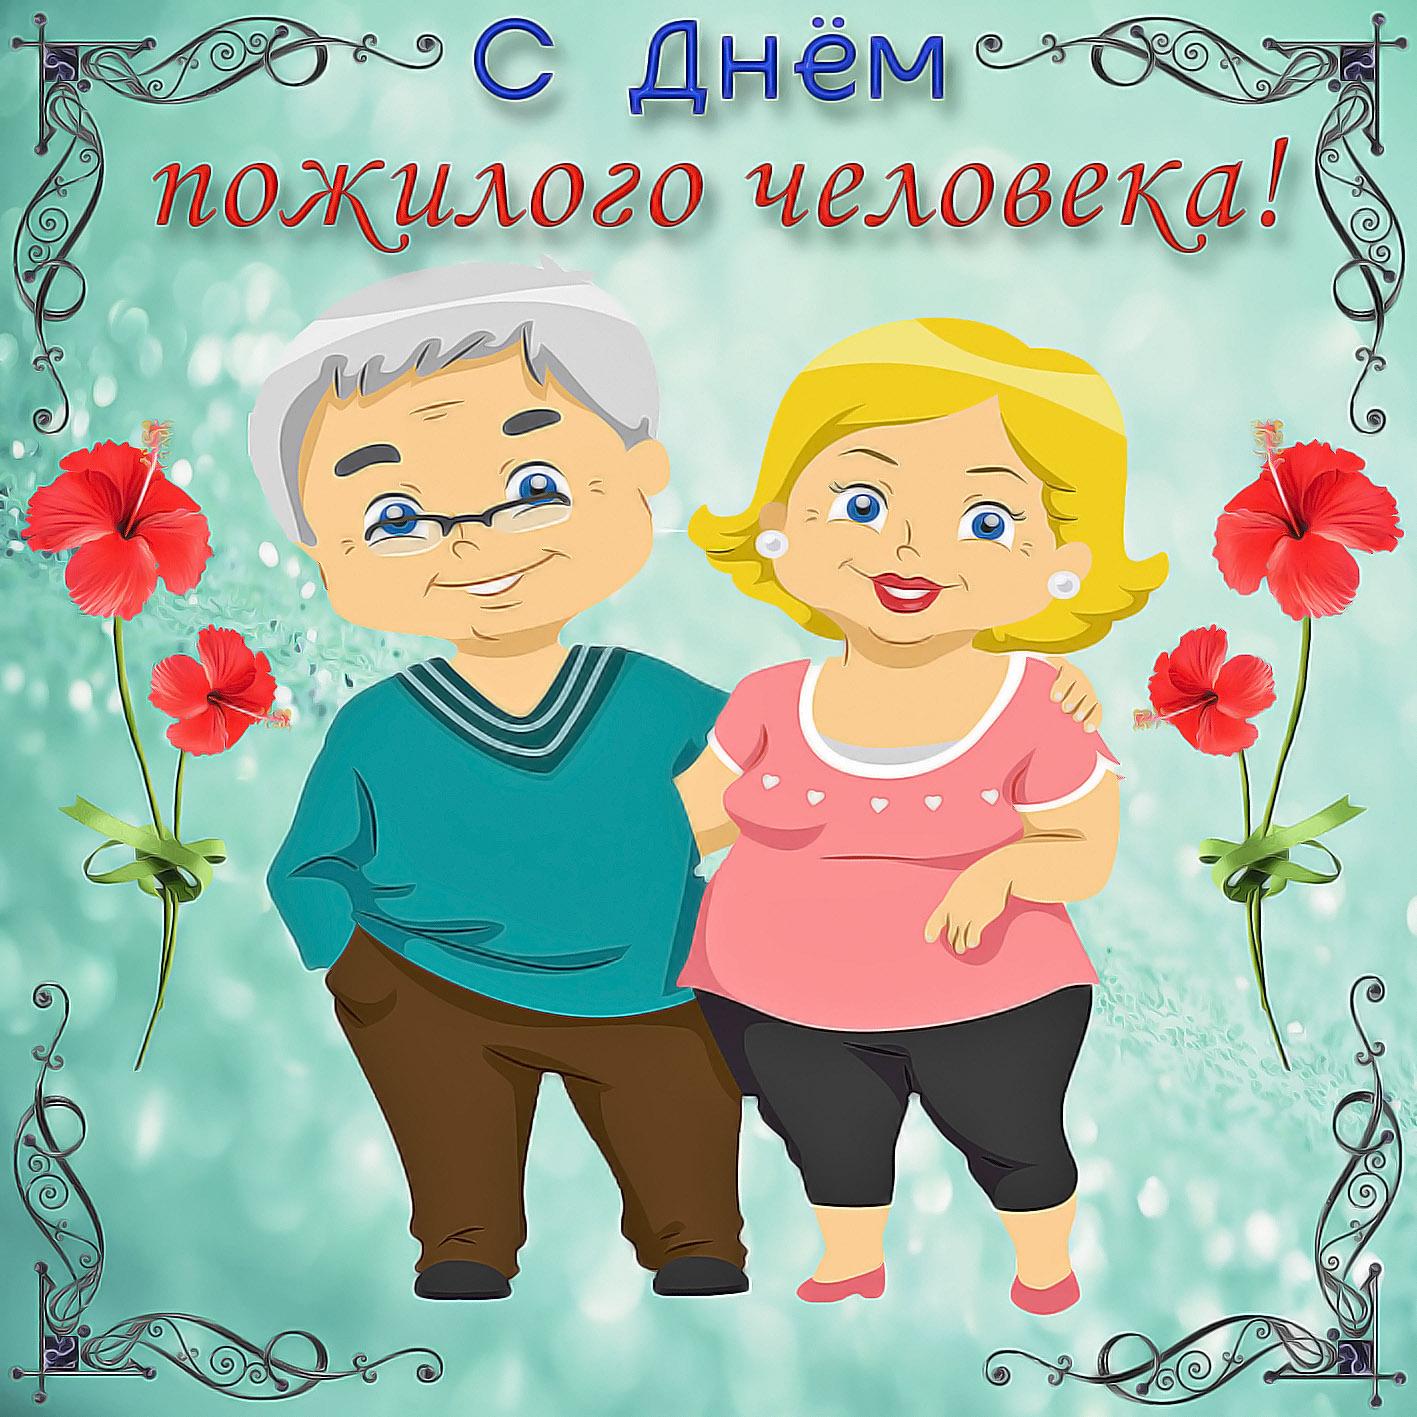 С днем пожилого человека картинки с поздравлением прикольные, защита